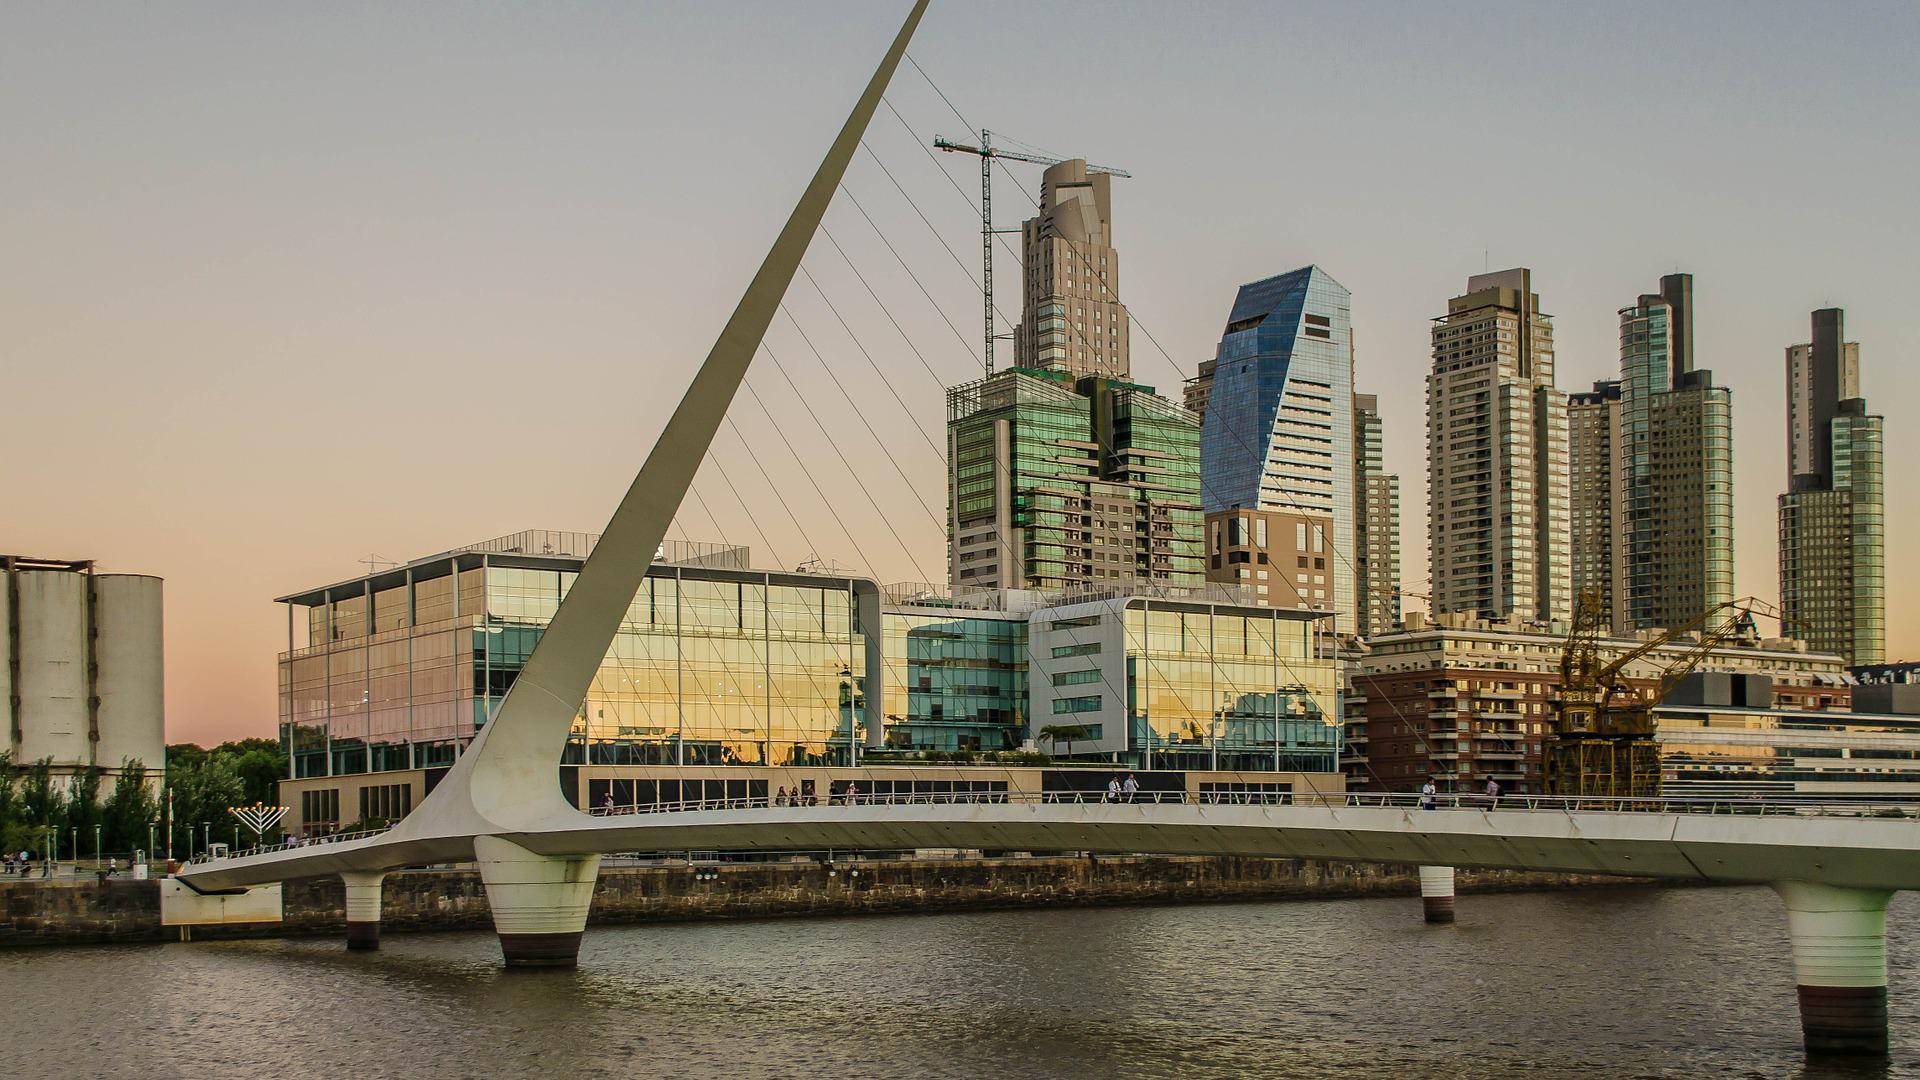 Правительство рассмотрит соглашение между РФ и Аргентиной об избежании двойного налогообложения